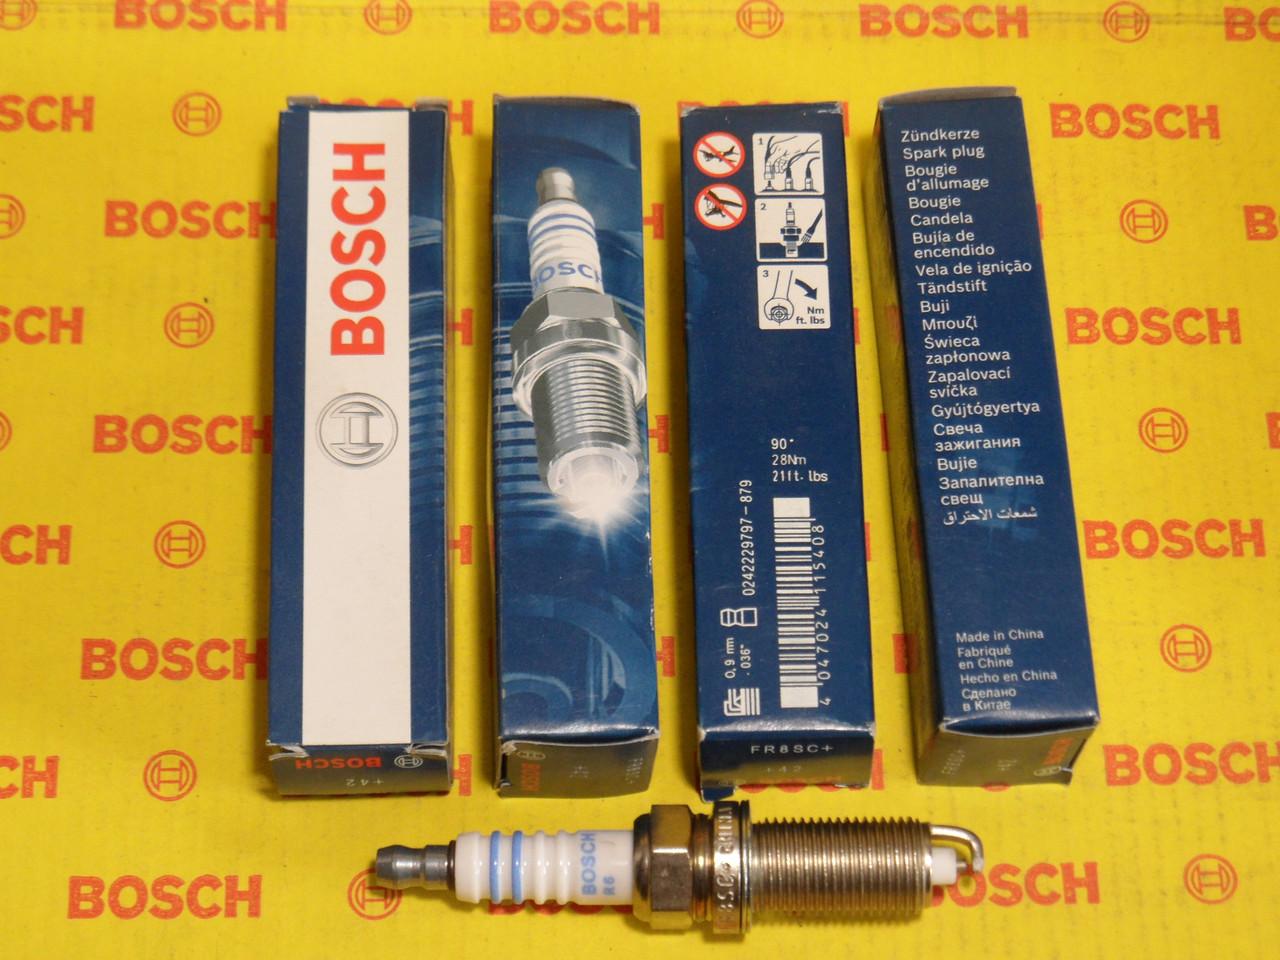 Свечи зажигания BOSCH, FR8SC+, +42, 0.9, Super +, 0242229797, 0 242 229 797,